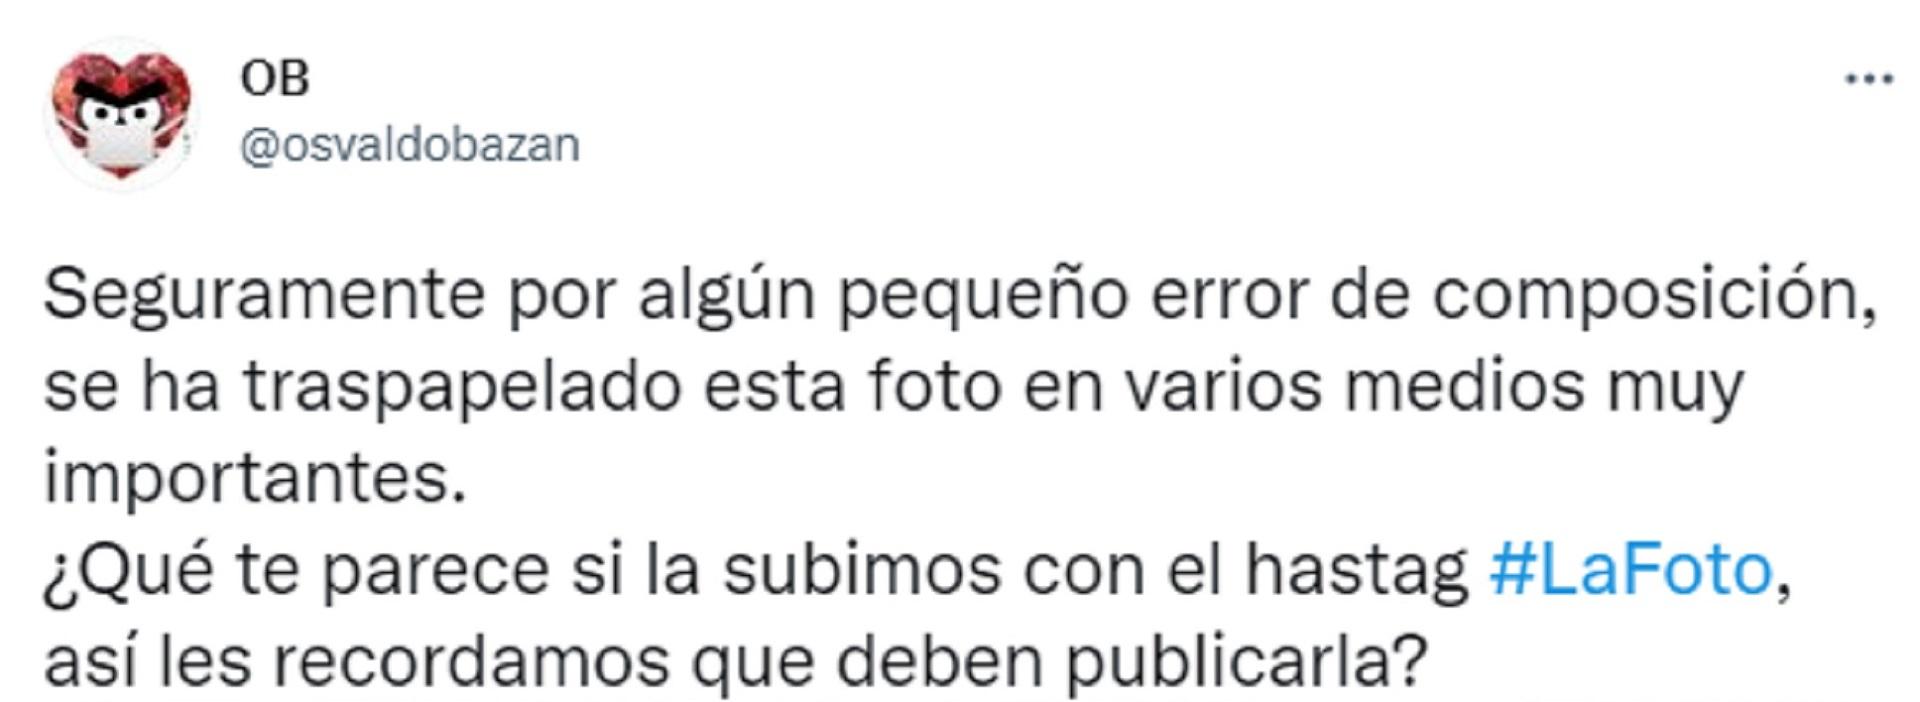 Horacio Bazán fue uno de los primeros en sumarse al hashtag #LaFoto